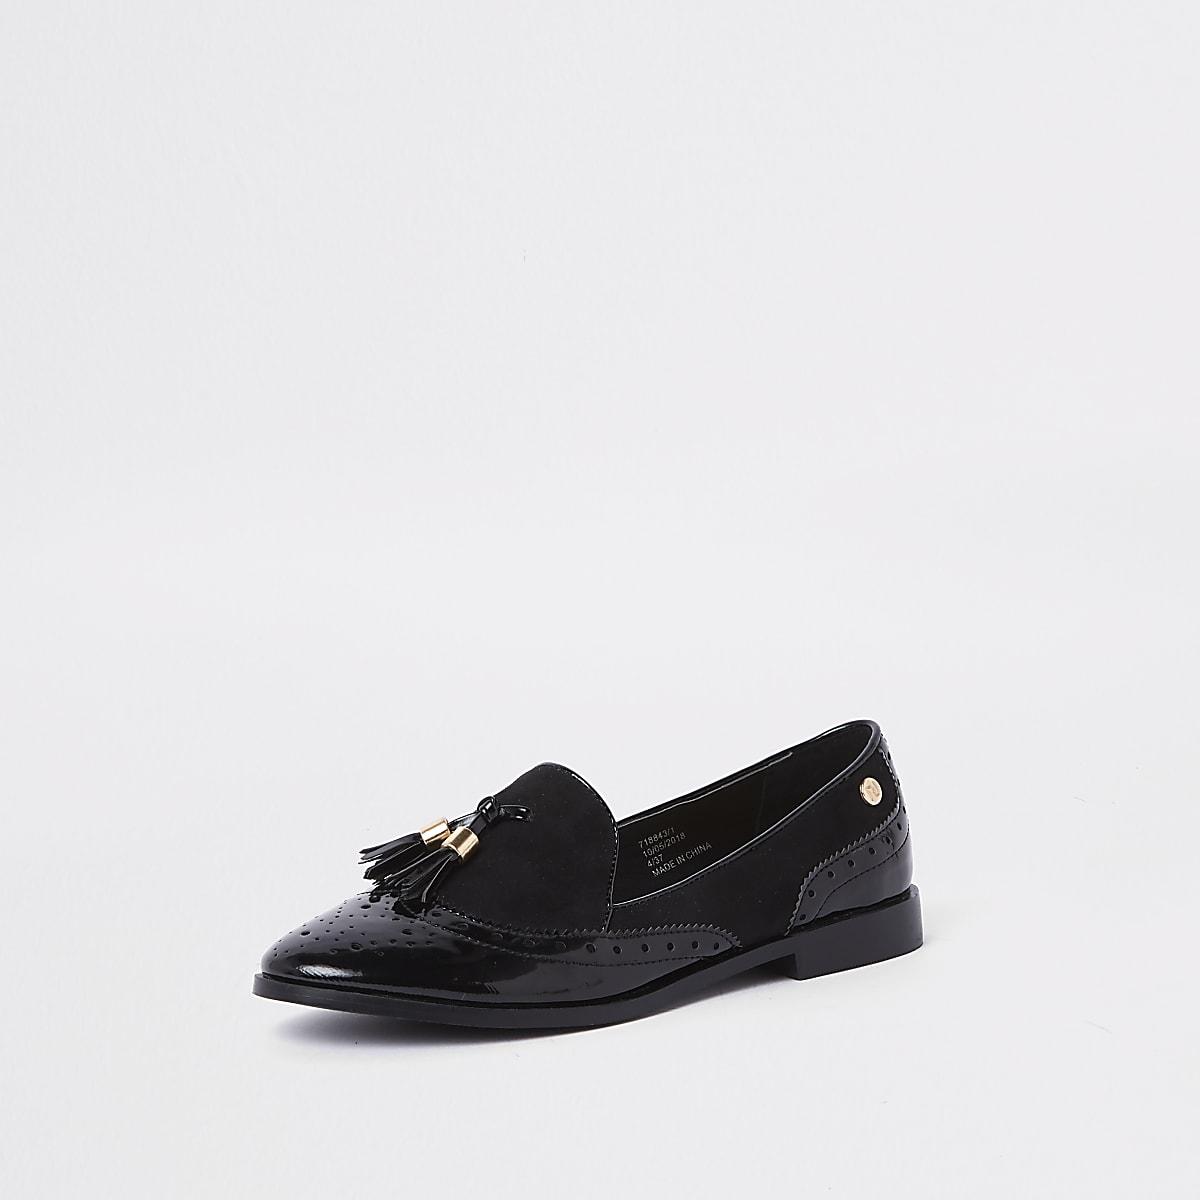 56306aa706e Black tassel patent shoes - Shoes - Shoes   Boots - women